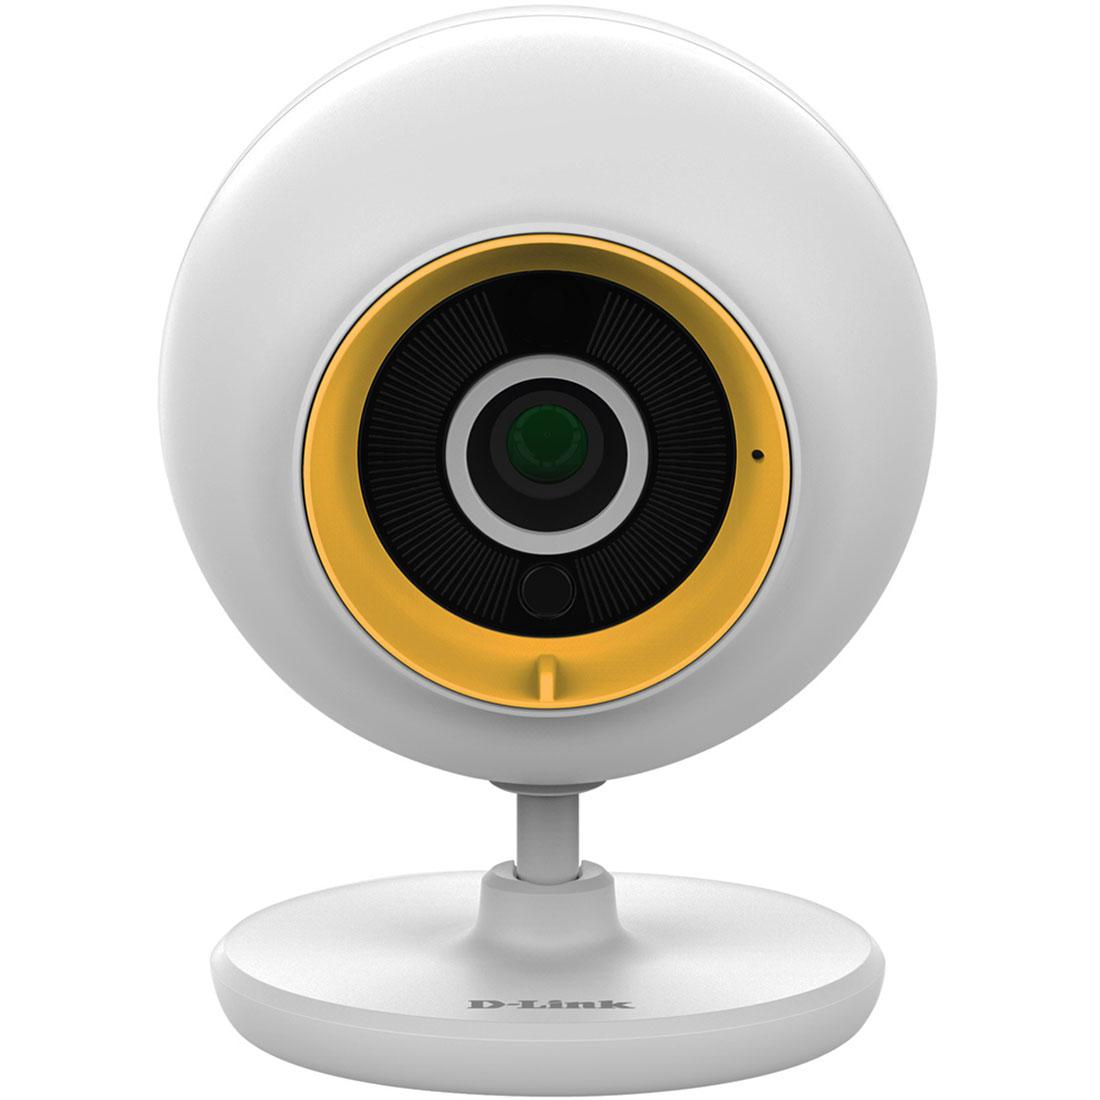 Caméra IP D-Link EyeOn Baby Junior Caméra de surveillance sans fil à vision nocturne pour surveiller votre enfant